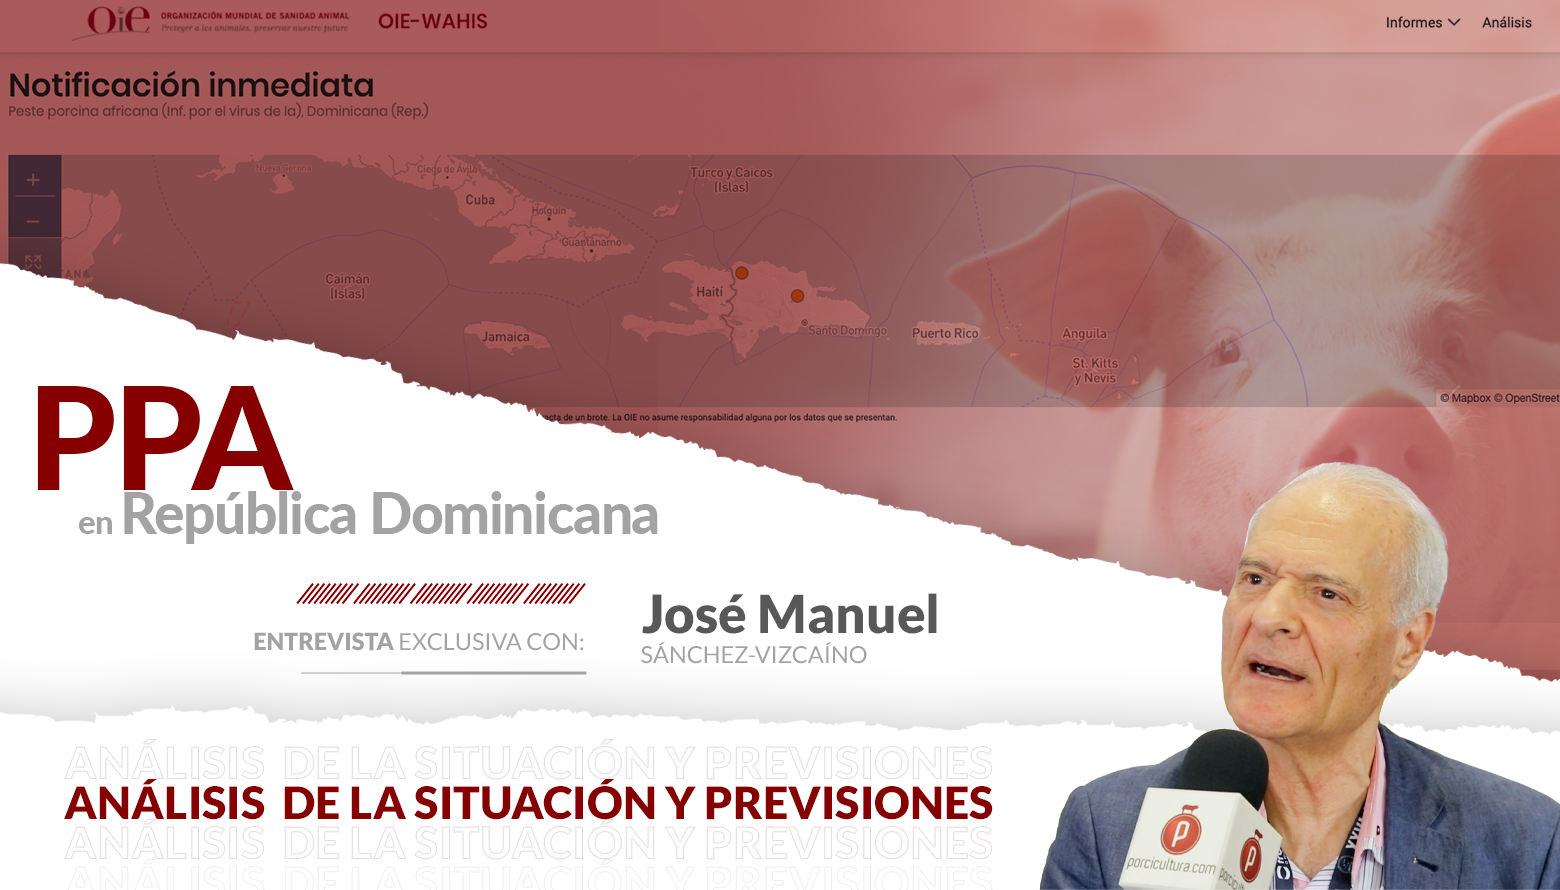 <p>La PPA en R. Dominicana es riesgo para América, pero no perdamos de vista a Asia; el mensaje de José Manuel Sánchez Vizcaíno</p>